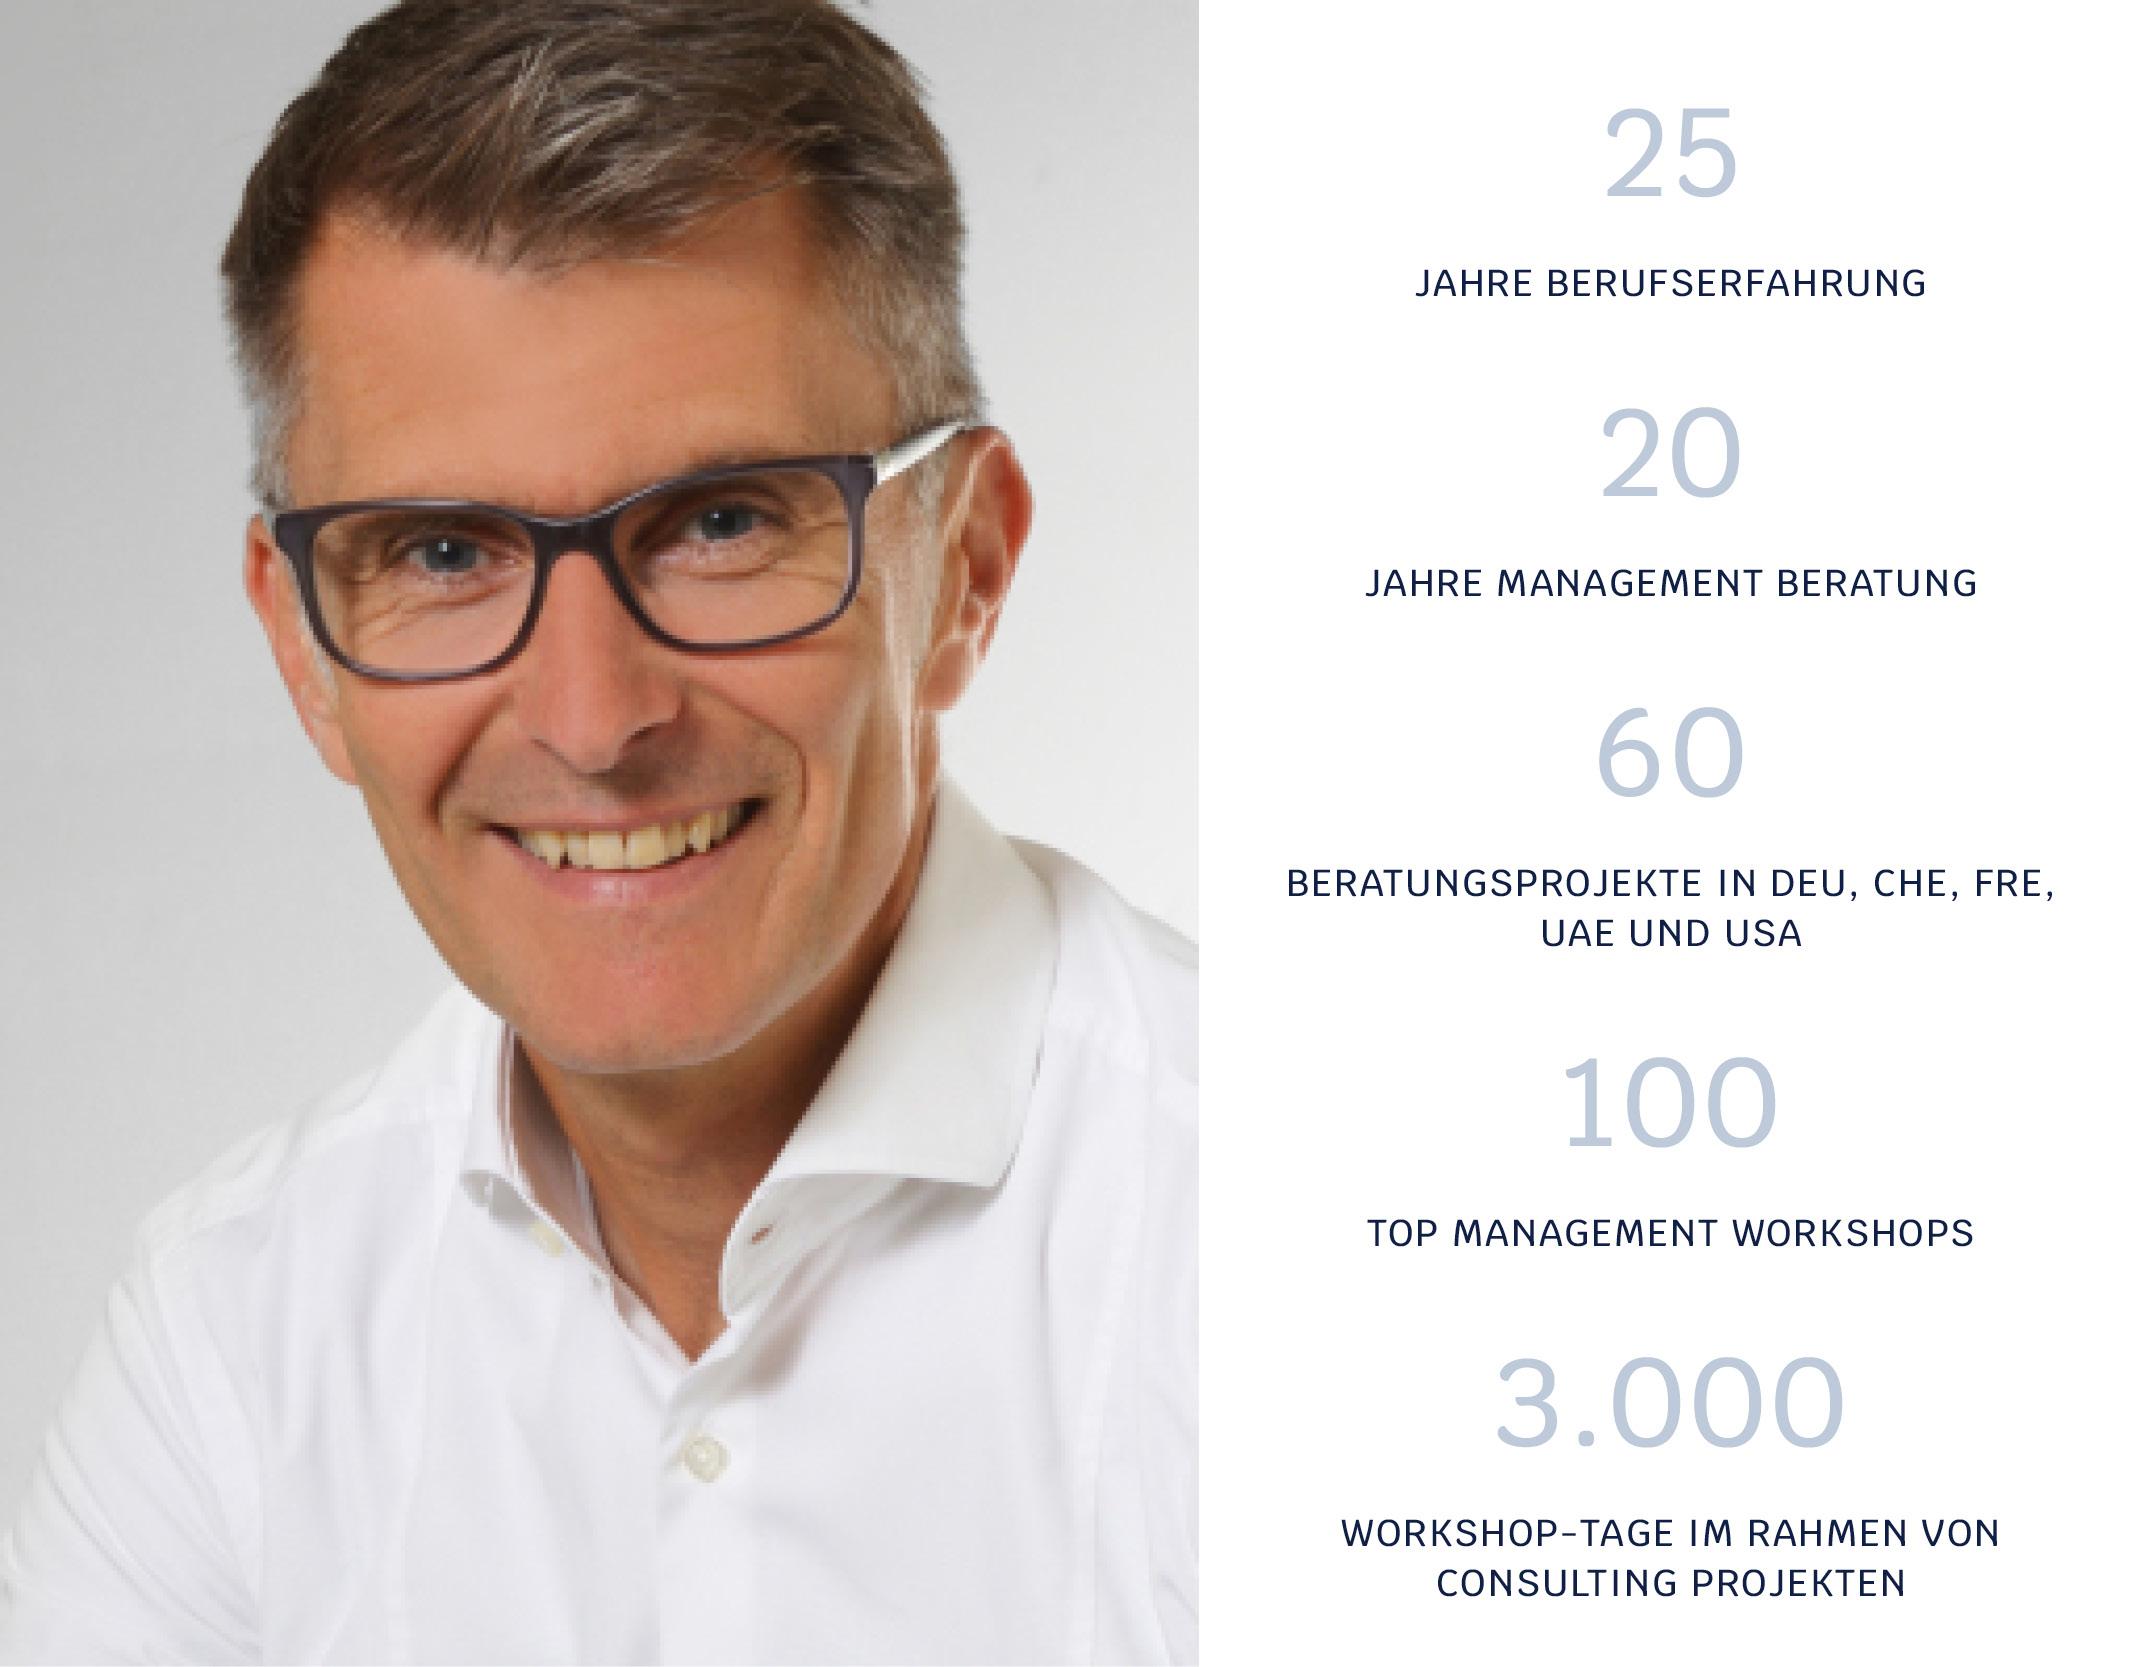 Herr Hornberger, Inhaber von Sharpening Edge, ein Unternehmen für Umsetzungsorientierte Management Beratung